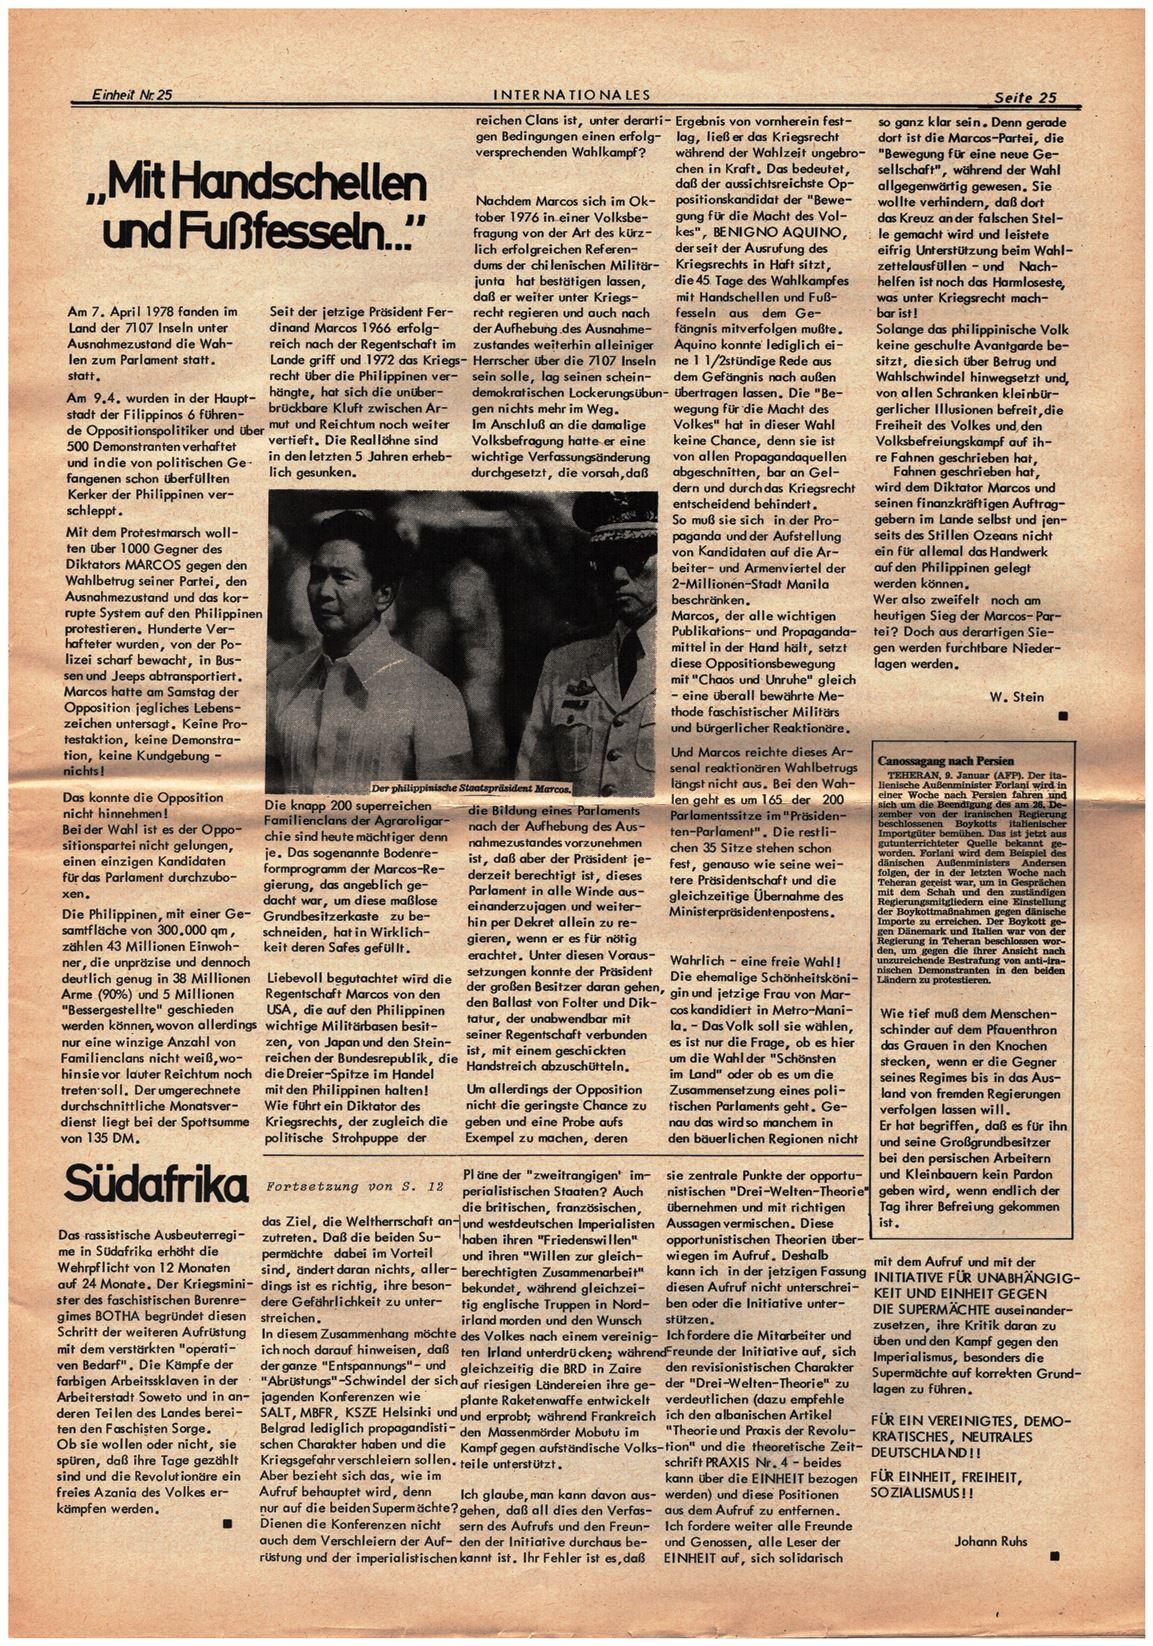 Koeln_IPdA_Einheit_1978_025_025